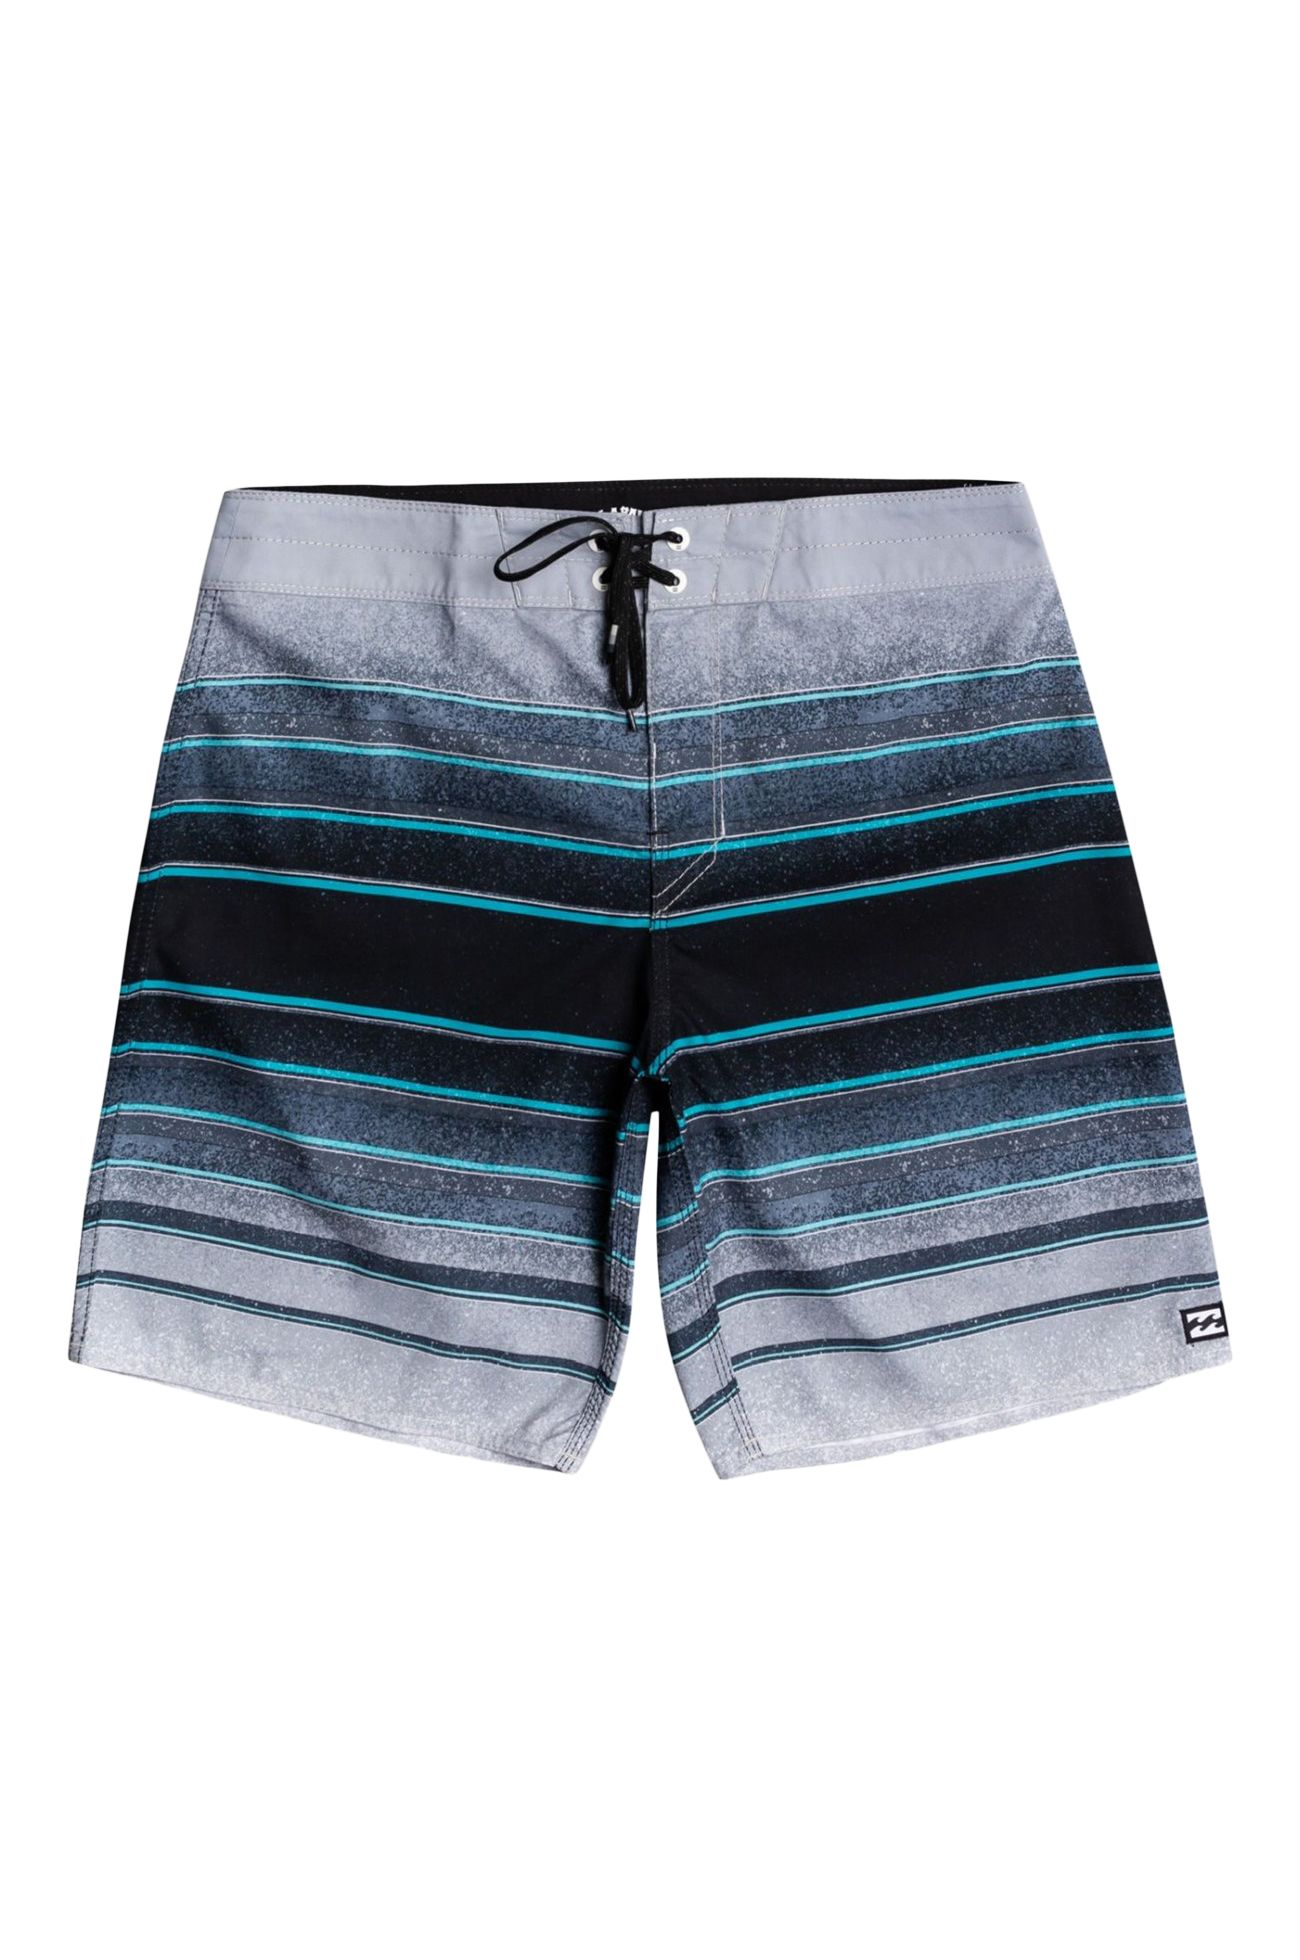 Billabong Boardshorts ALL DAY STRIPES OG Grey